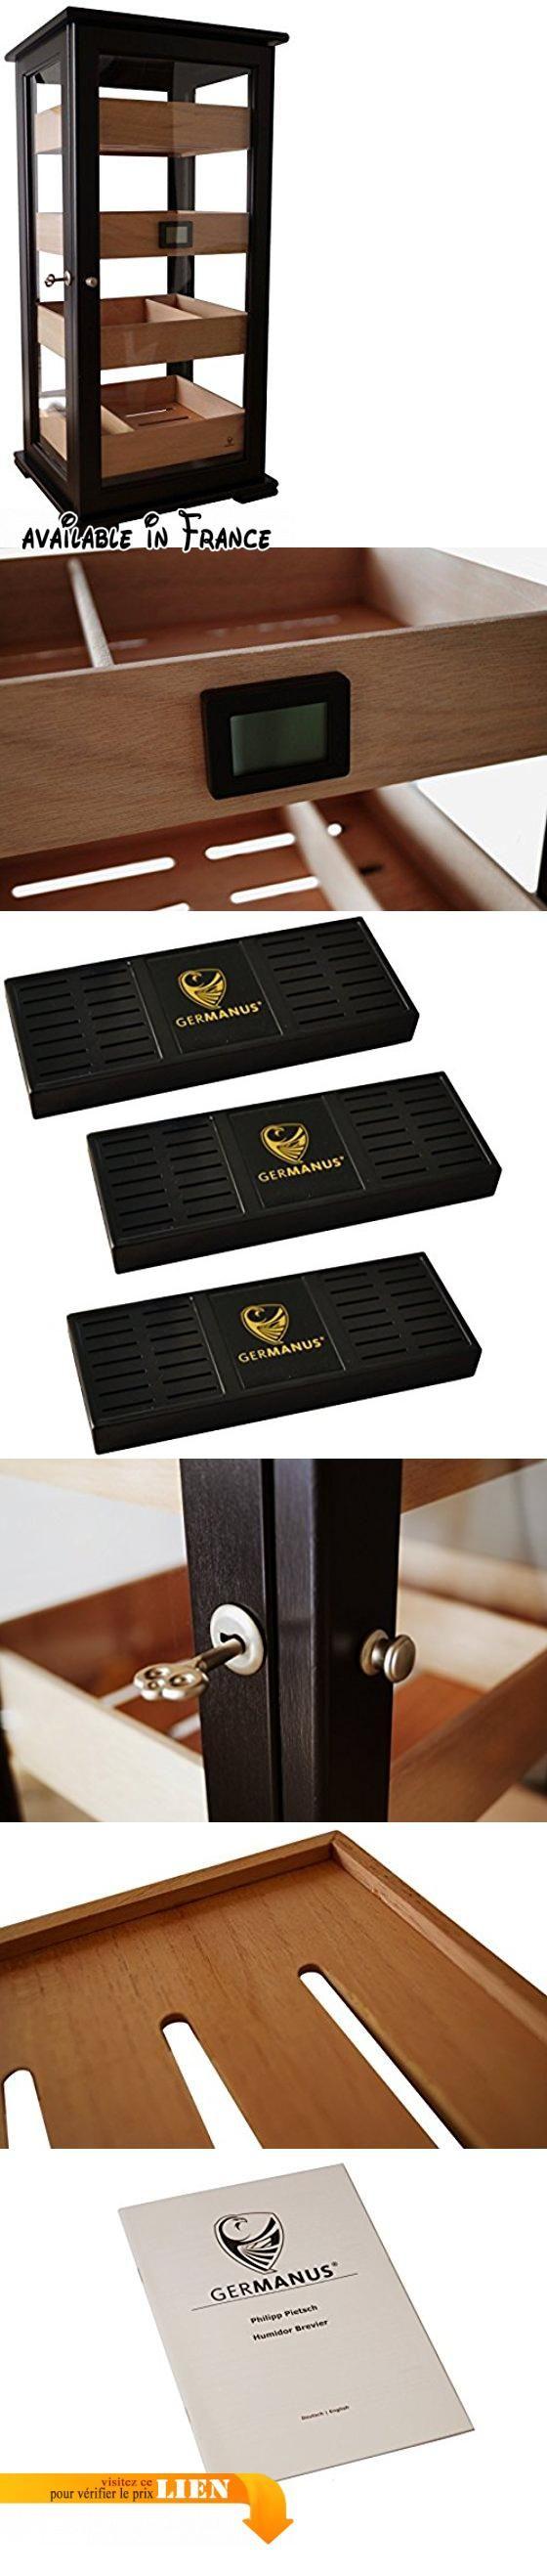 les 25 meilleures id es de la cat gorie s parateurs pour tiroirs sur pinterest organisateurs. Black Bedroom Furniture Sets. Home Design Ideas